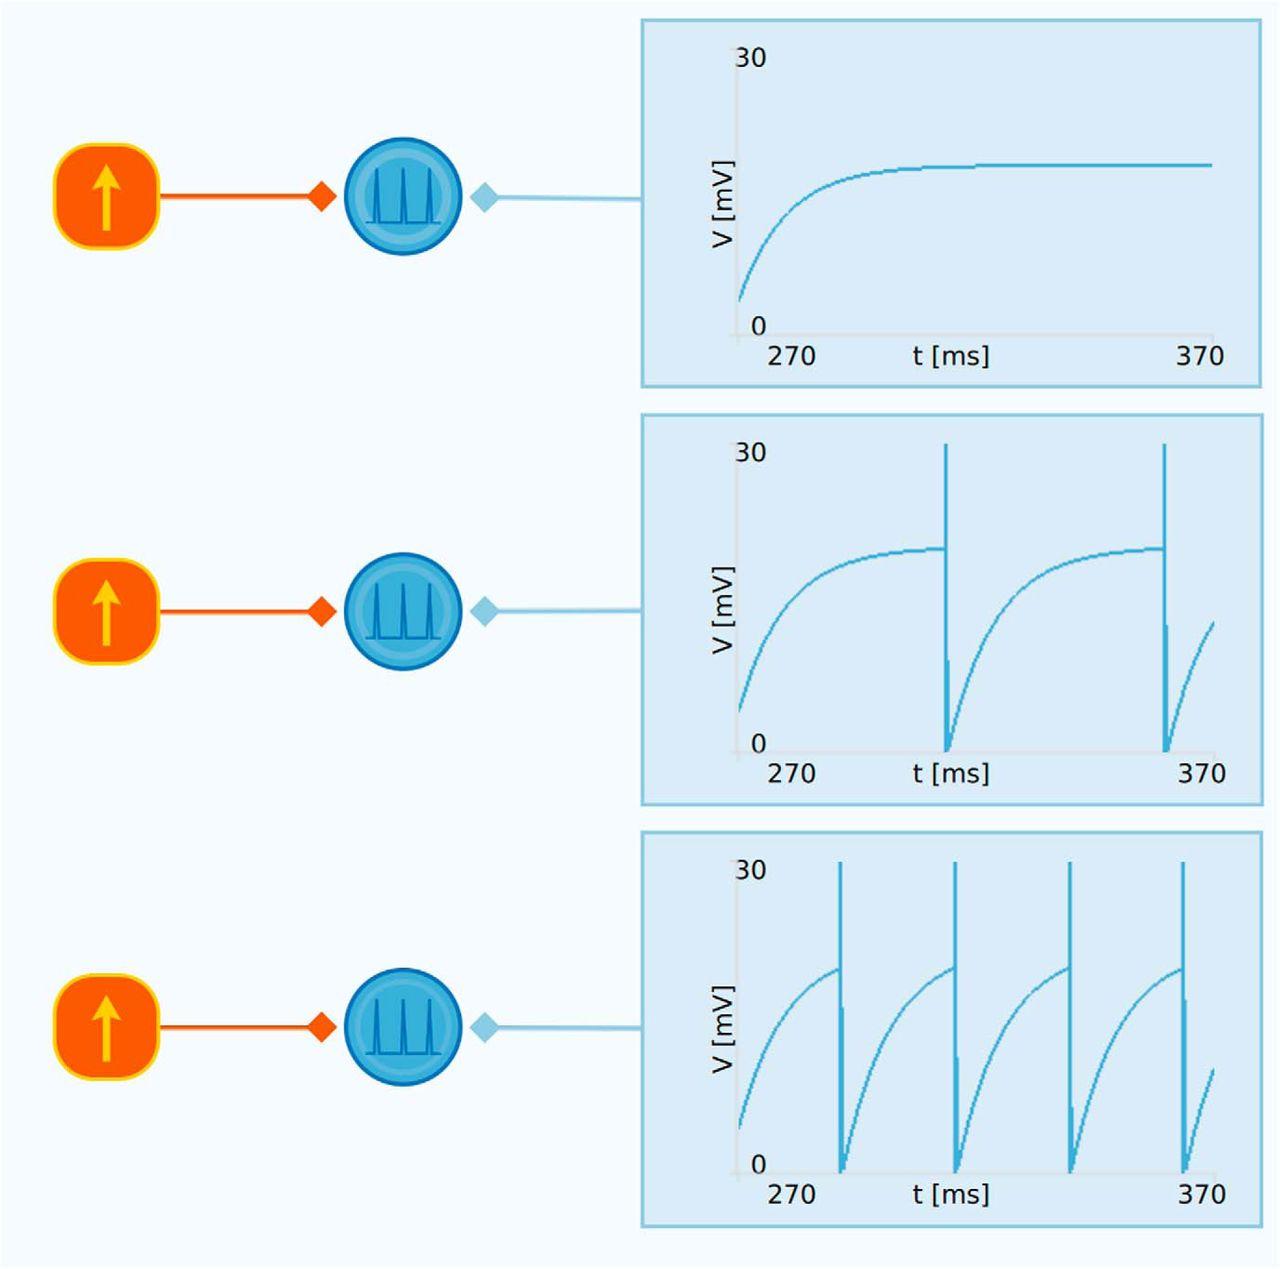 Neuronify: An Educational Simulator for Neural Circuits | eNeuro